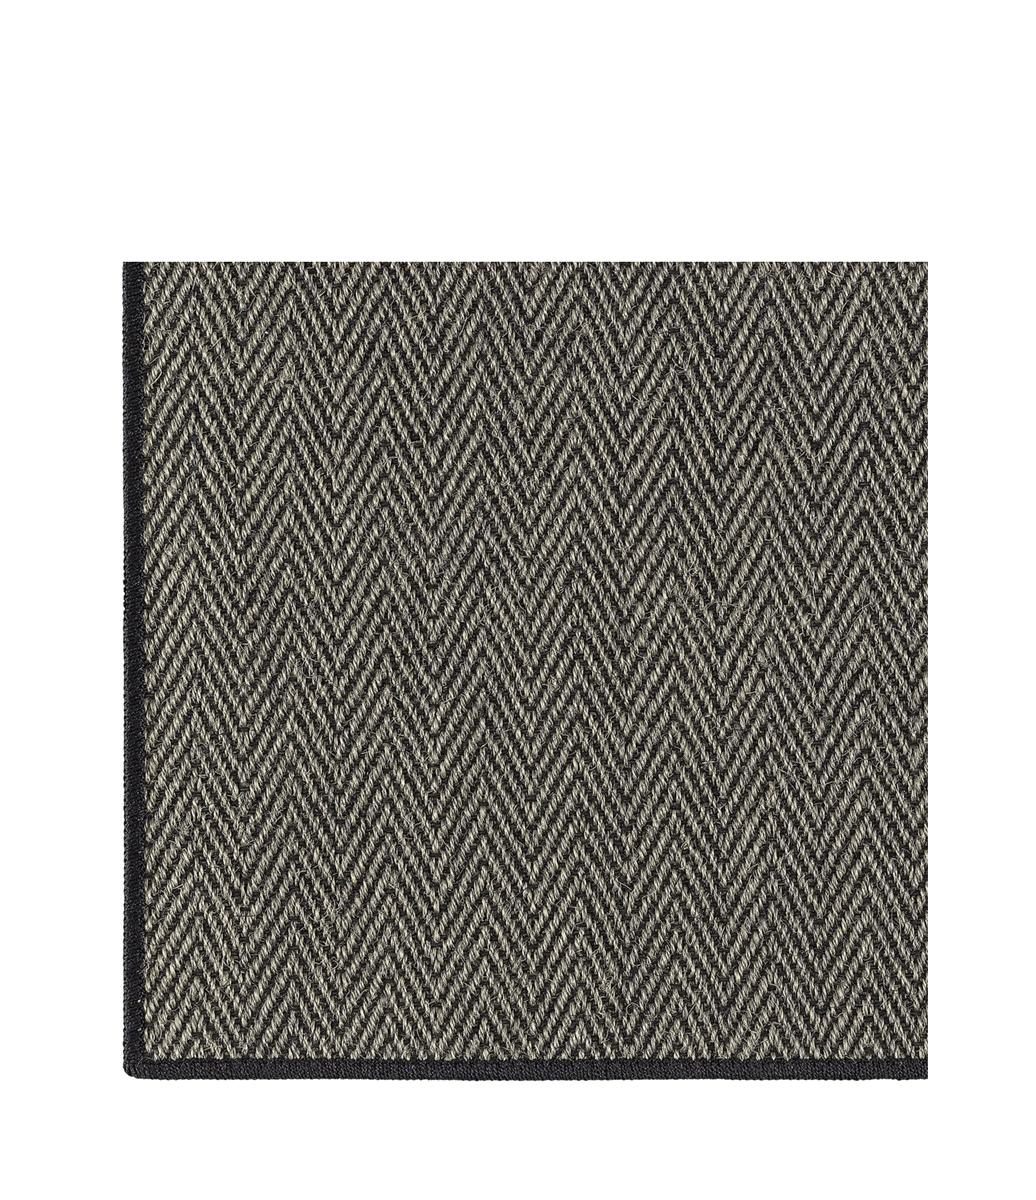 Artwood HURRICANE MOCCA Carpet 2x3 black edging